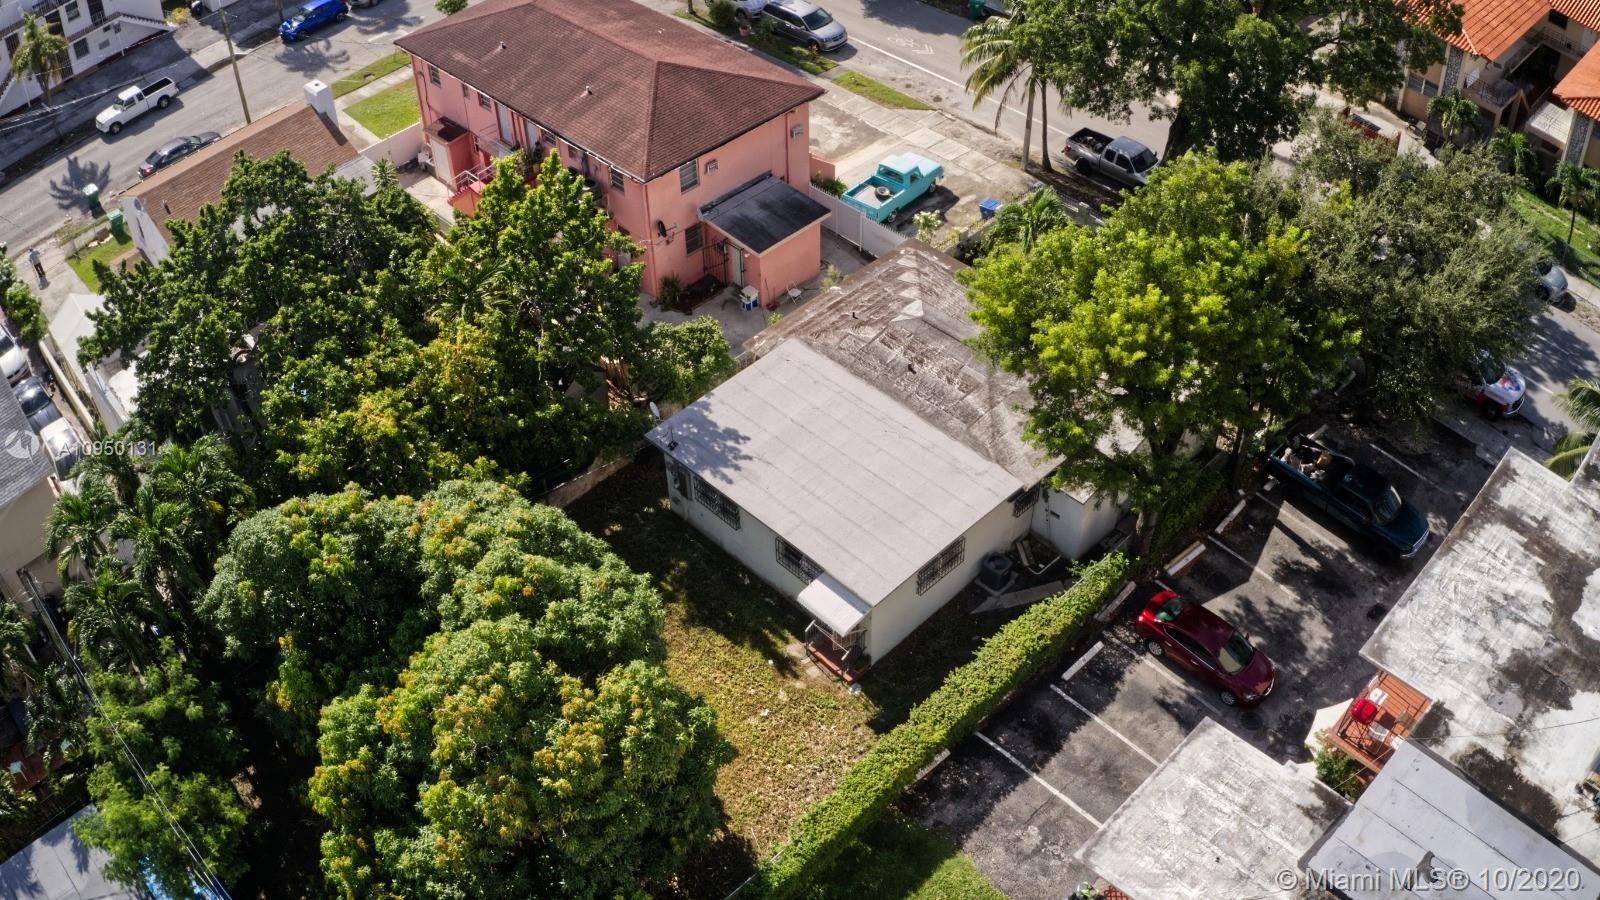 La vista aerea le muestra un edificio de apartamentos a la izquierda de la casa (rosado), asi como un segundo edificio de apartamentos a la derecha de la casa. Note el techo nuevo.